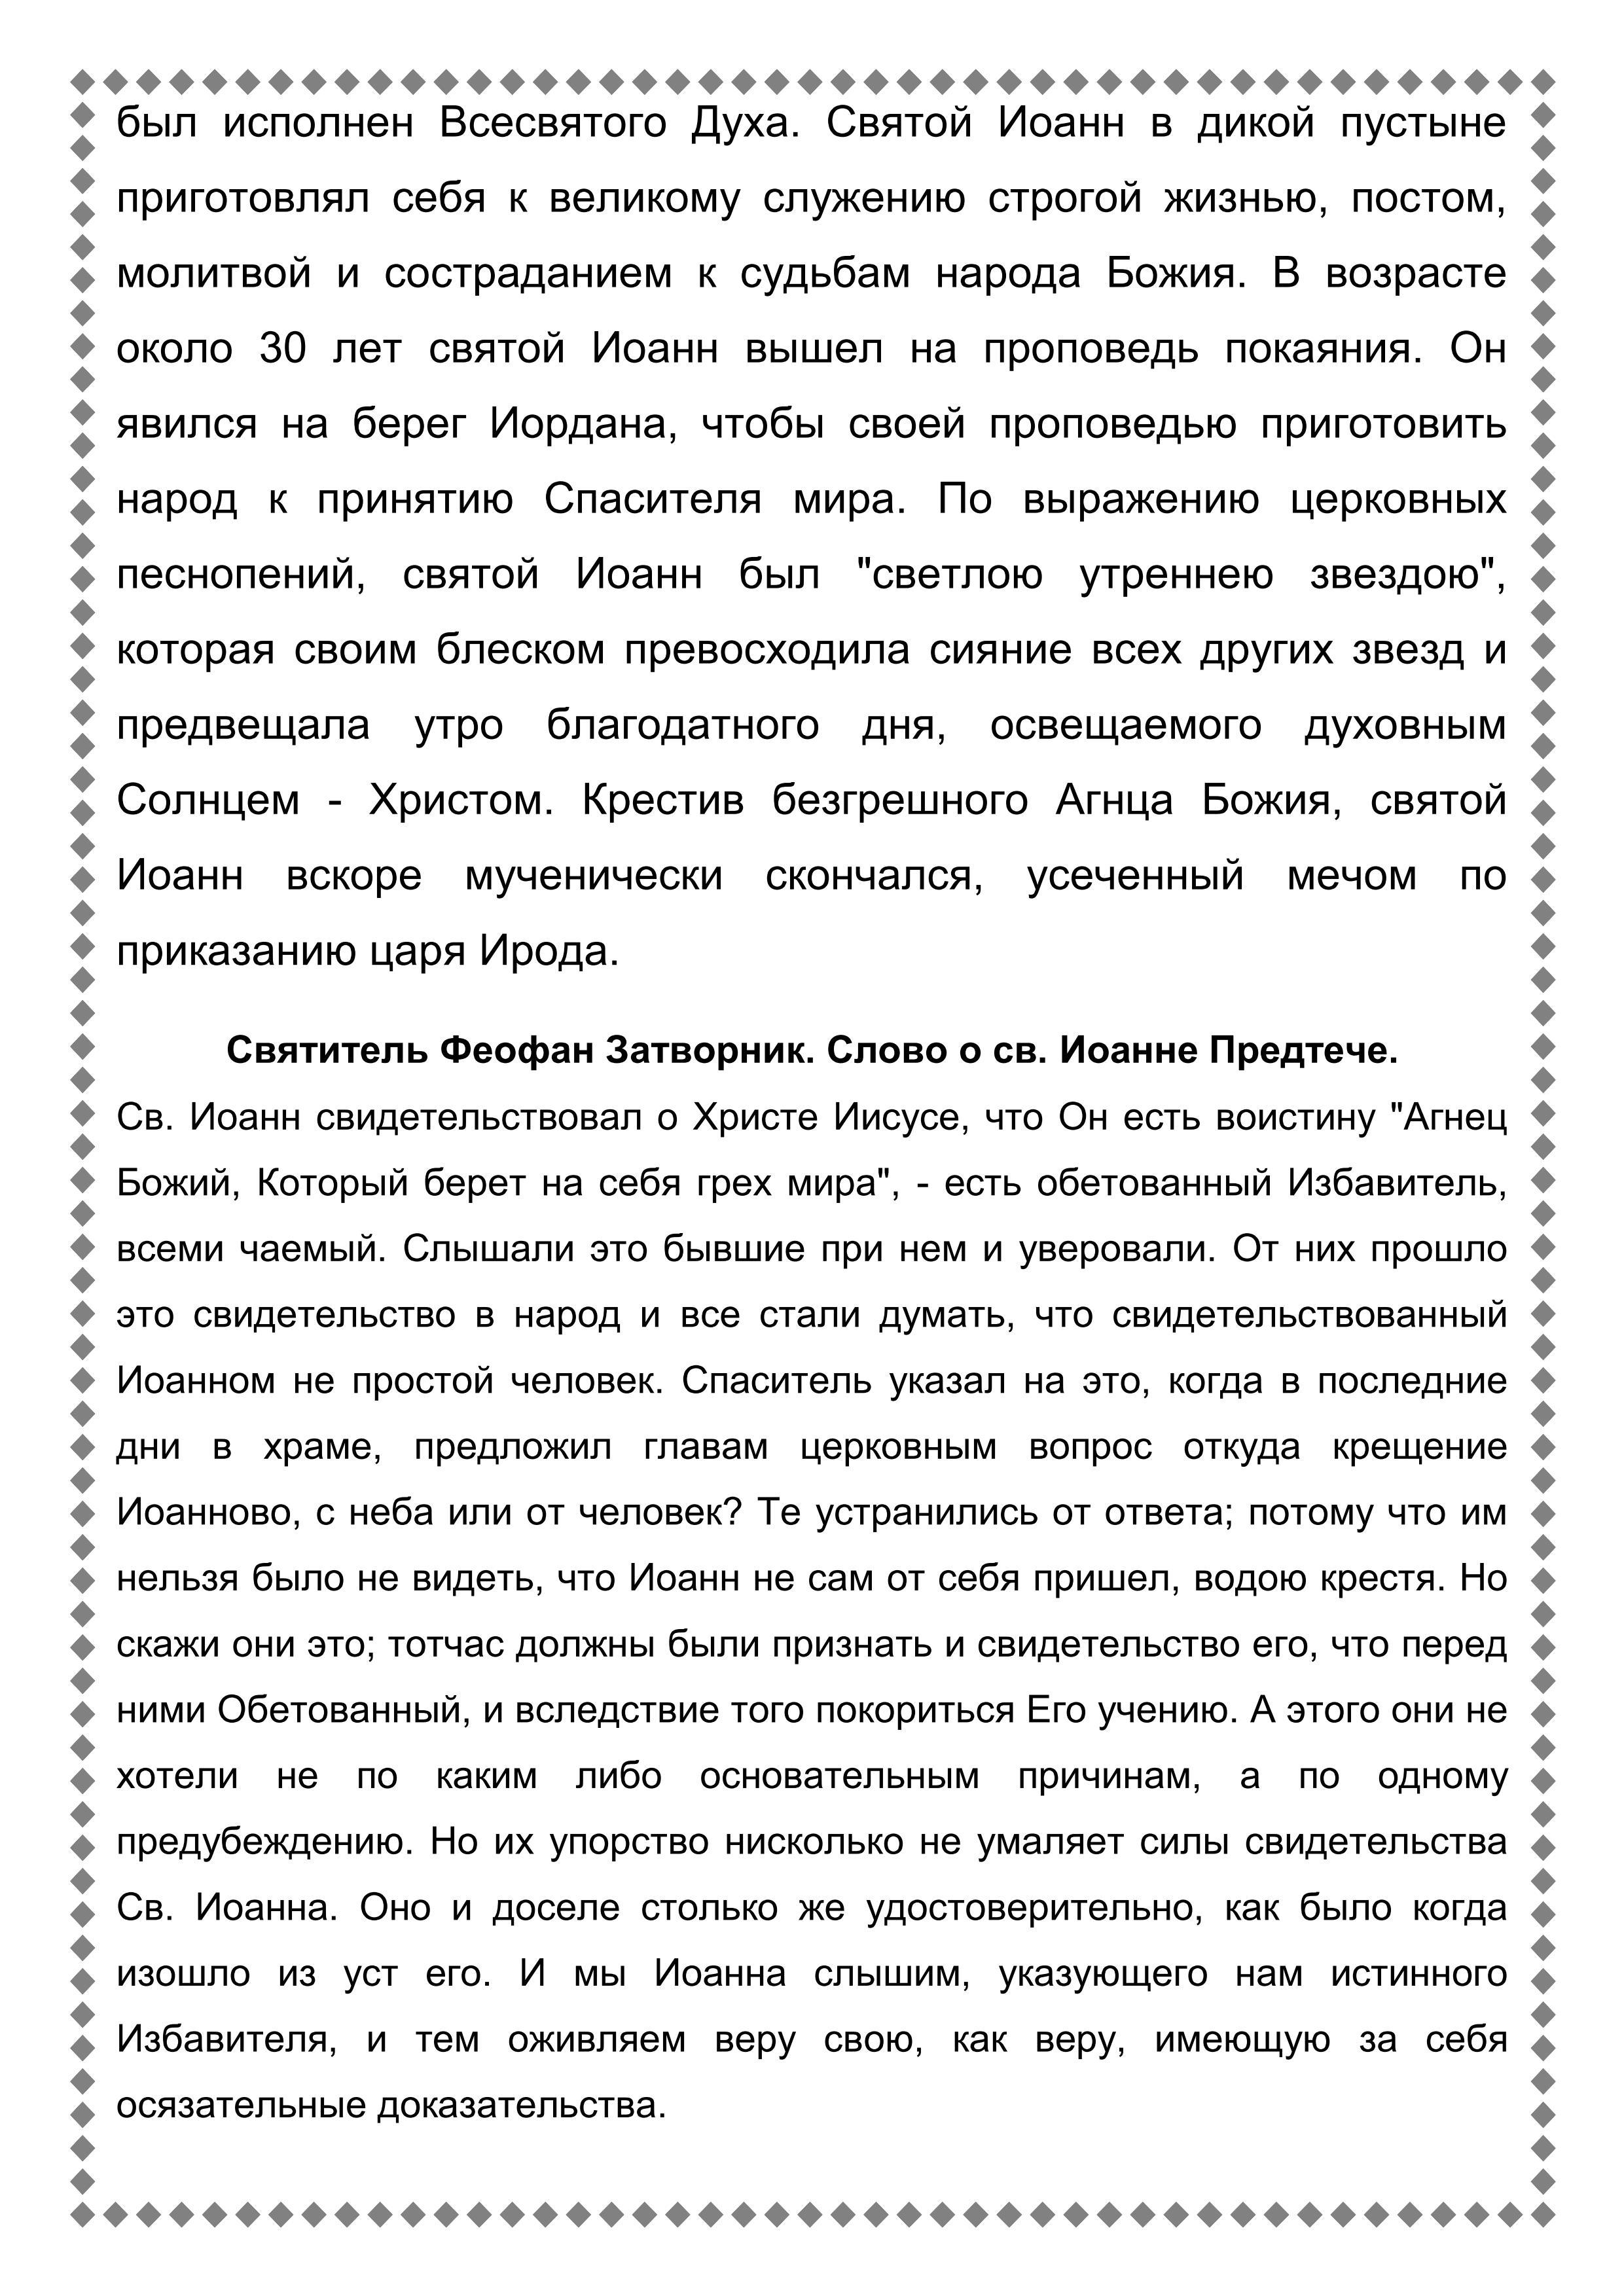 О празднике Богоявления_05